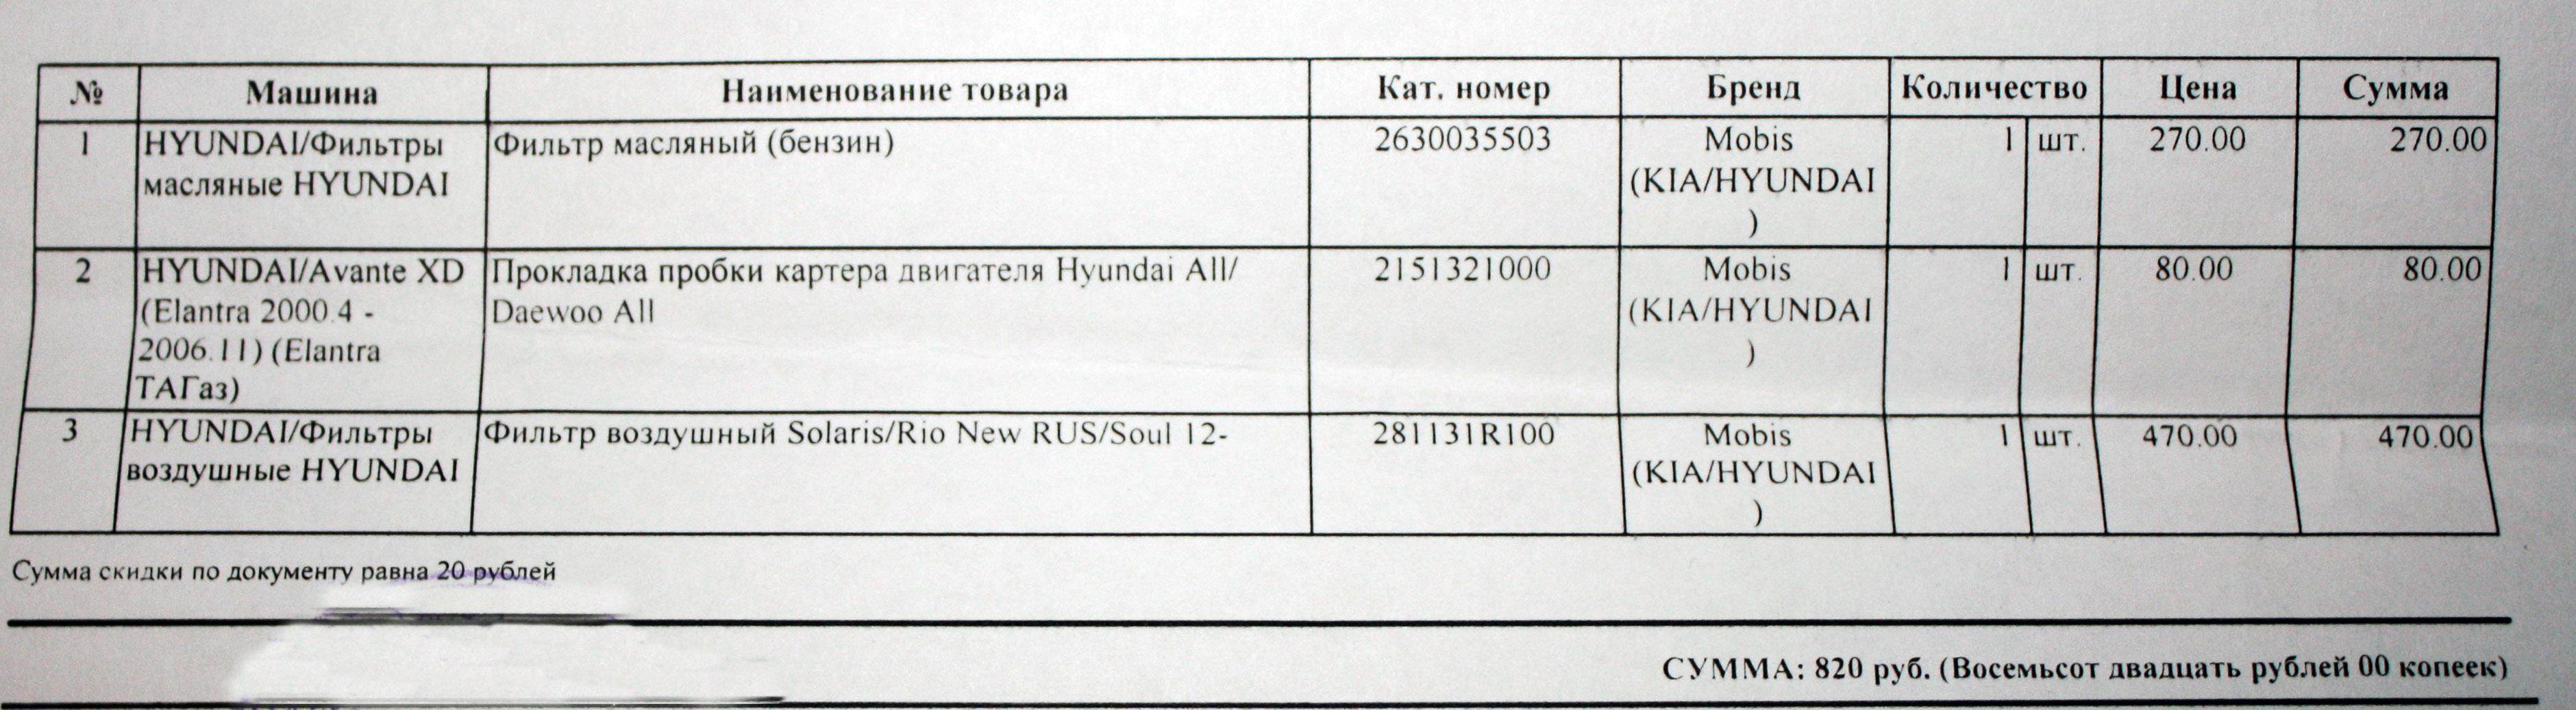 сколько стоят тормозные диски на киа рио 2012